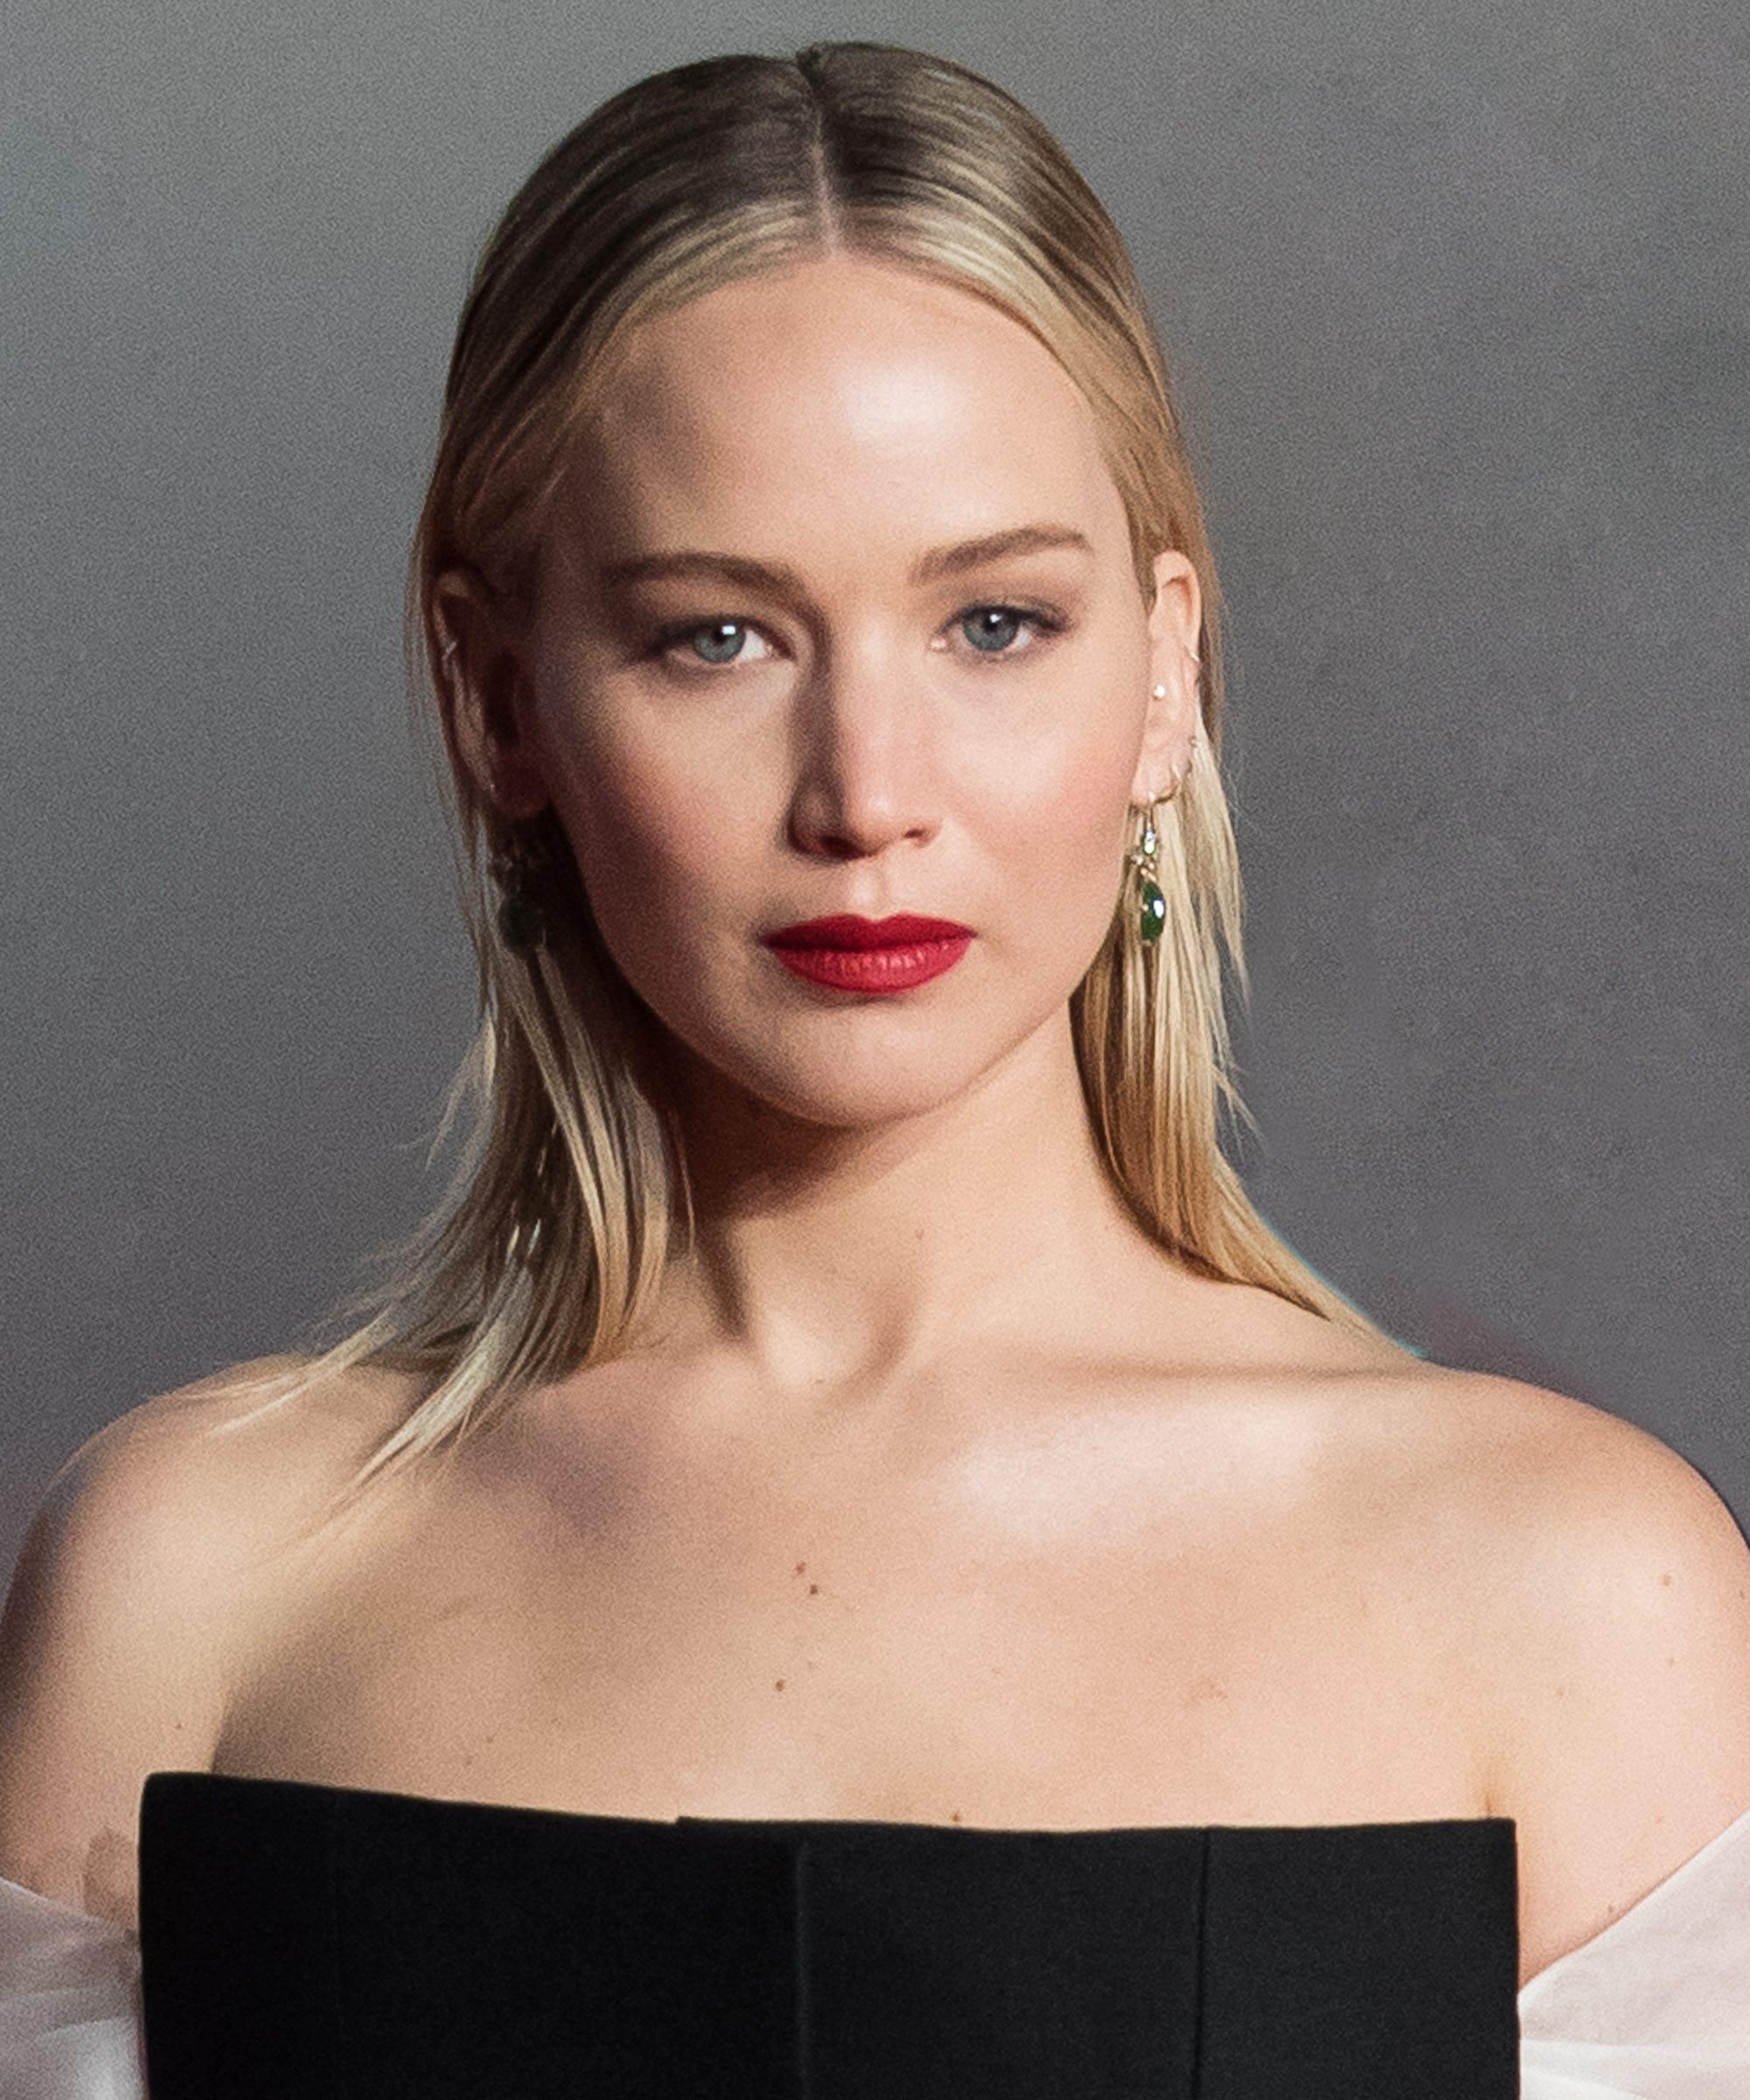 ICloud Jennifer Grey nude photos 2019